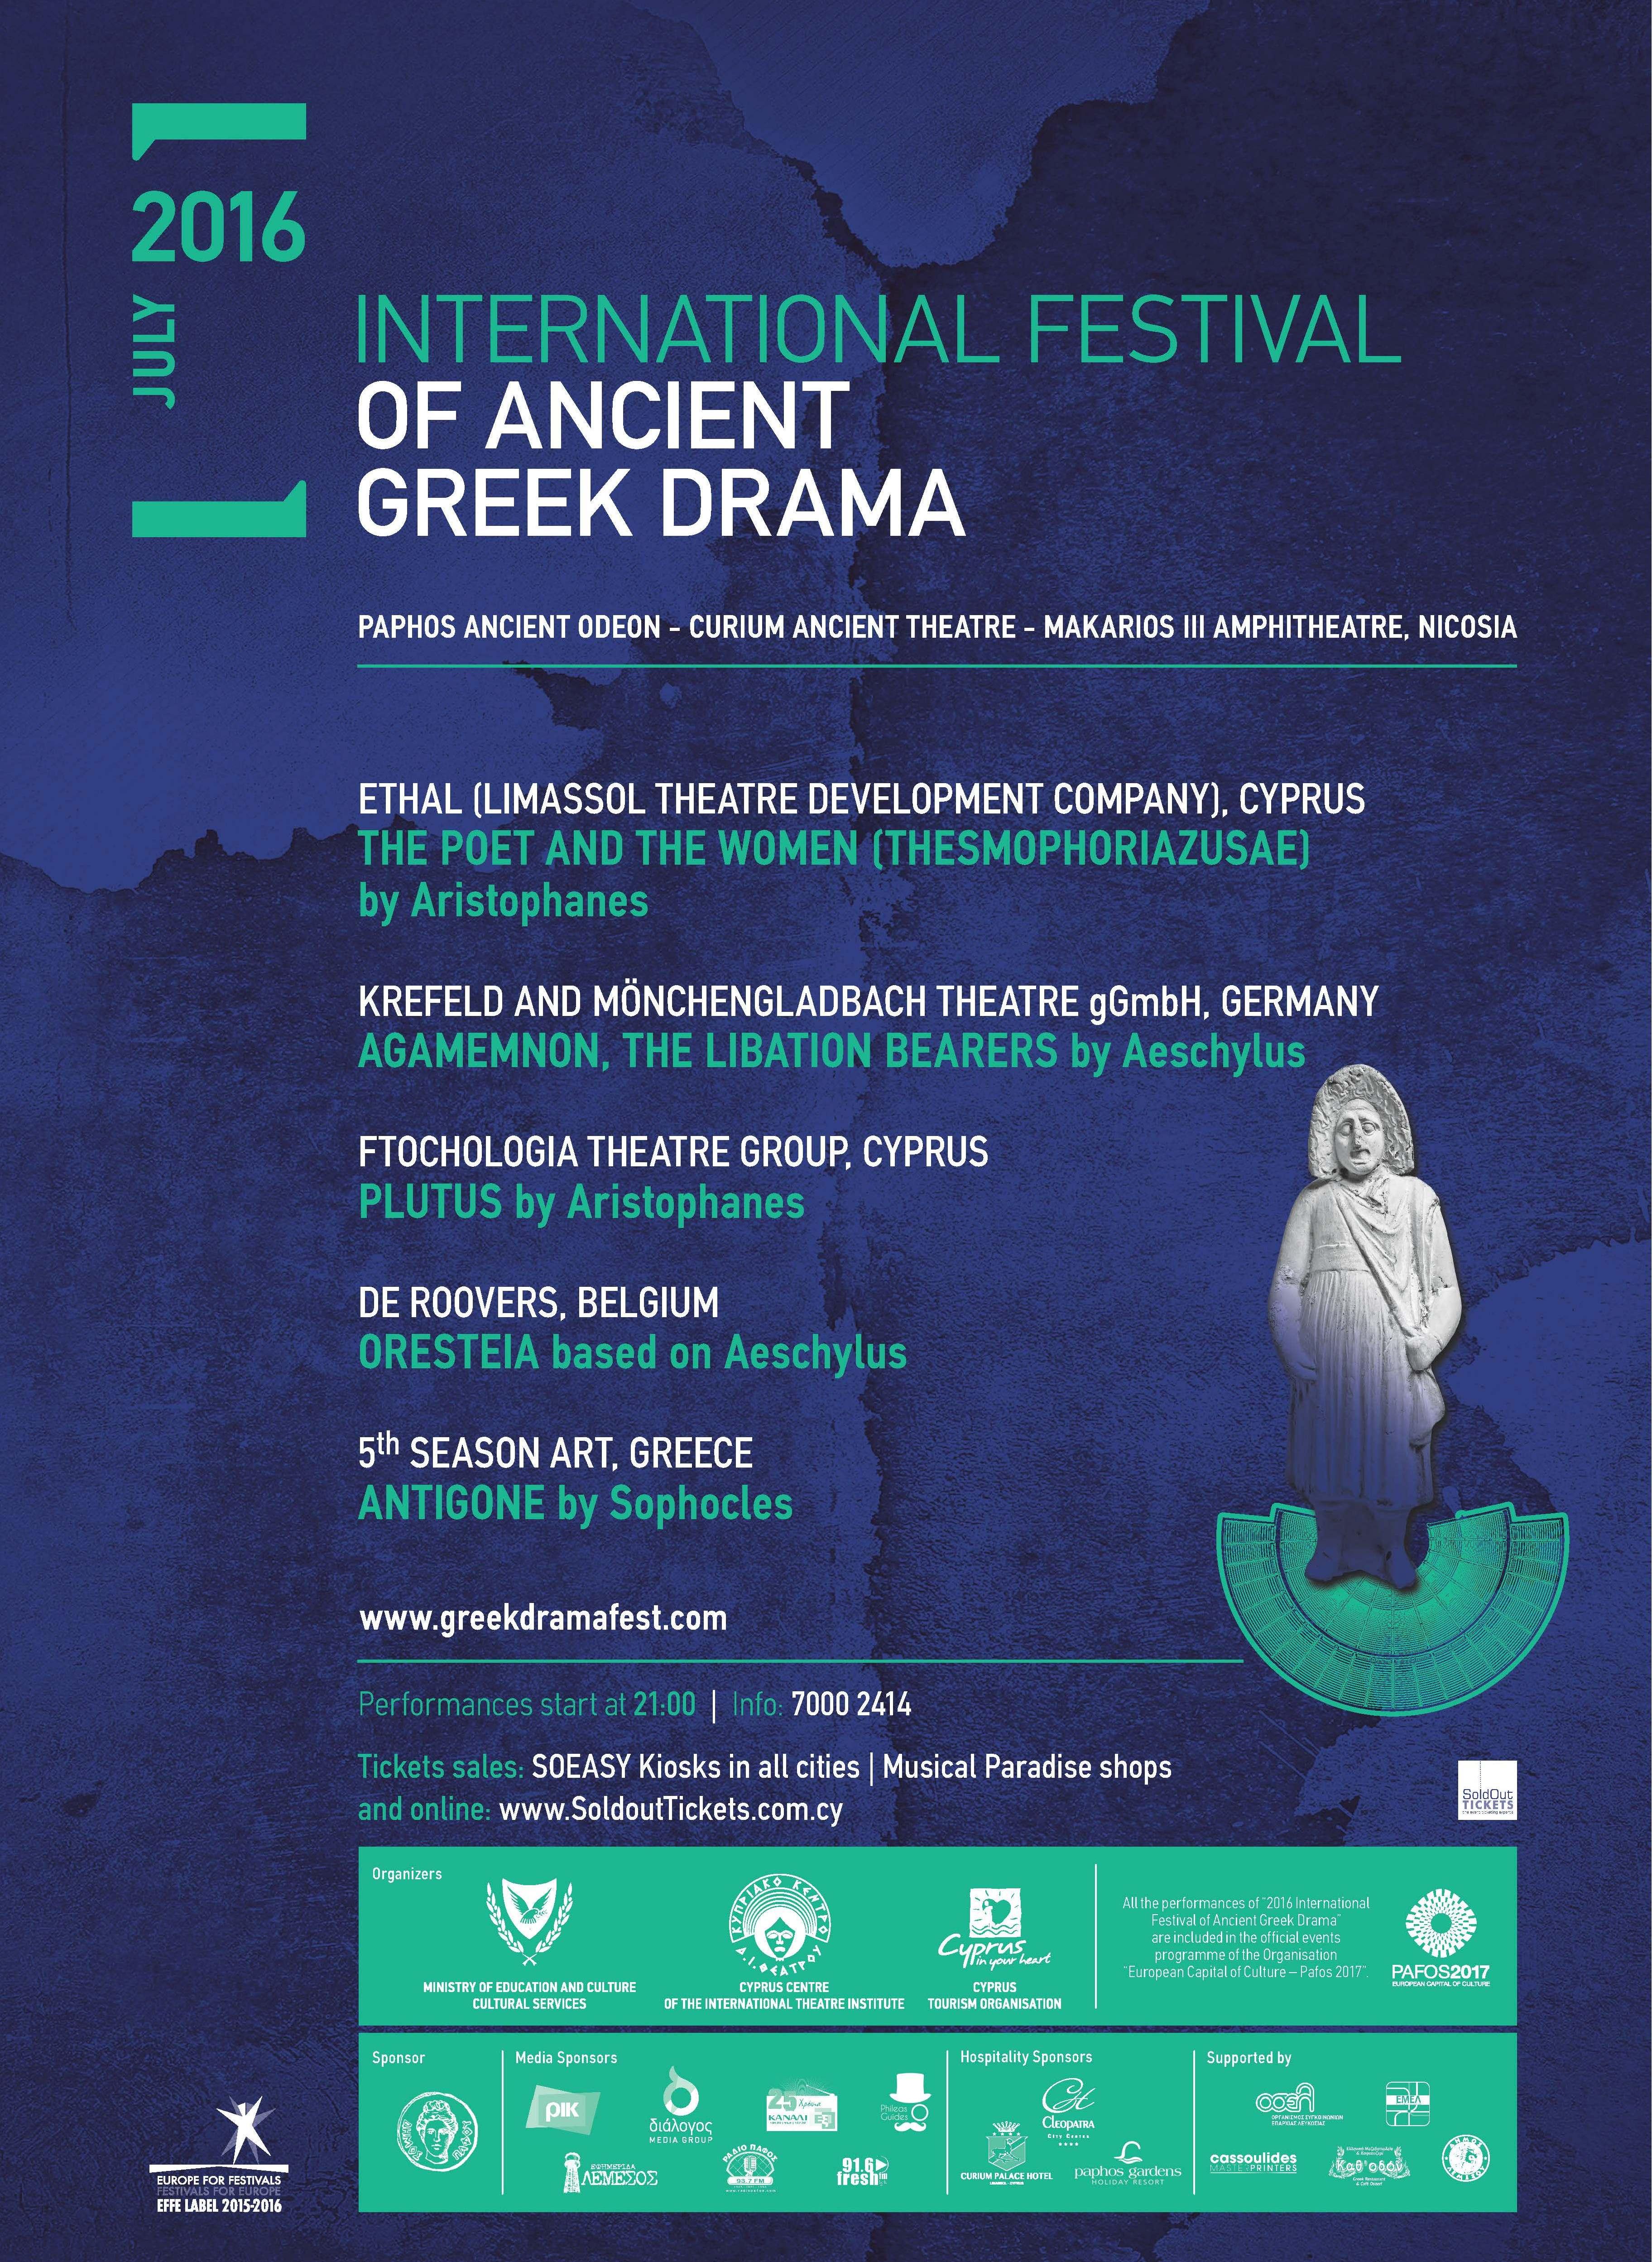 Die Aufführungen des Theaterfestivals auf Zypern 2016